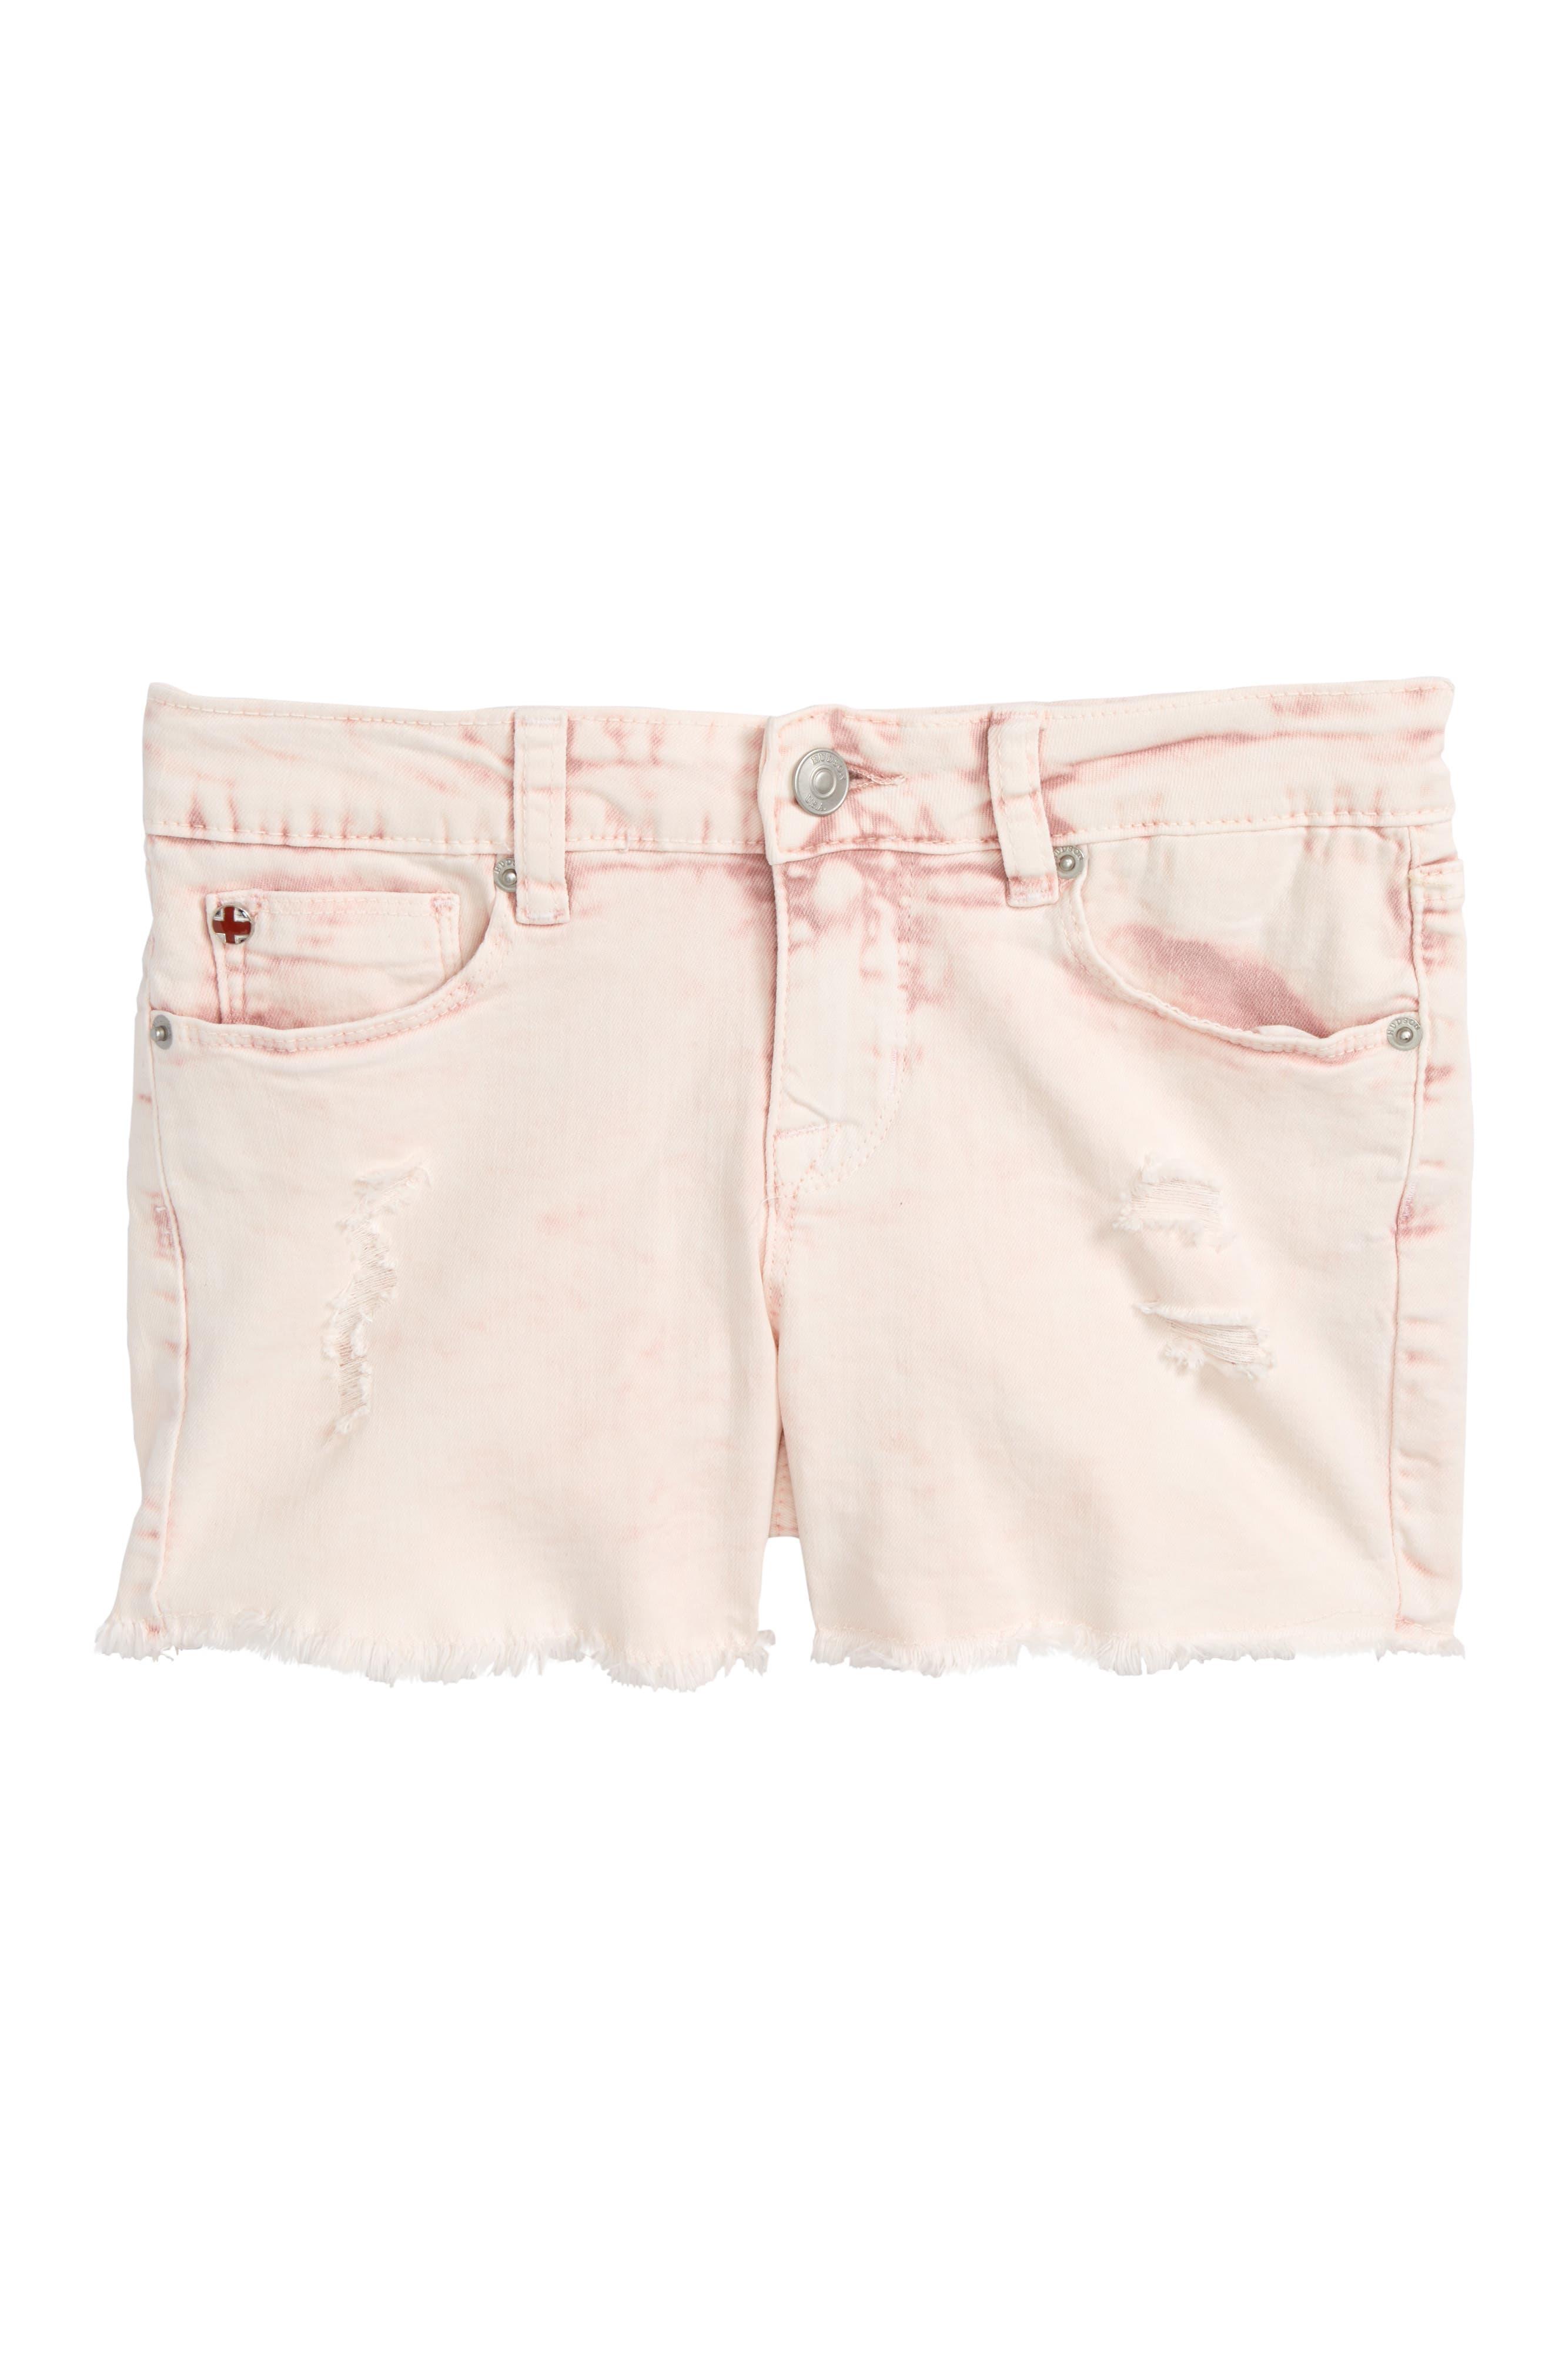 Frayed Acid Wash Shorts,                             Main thumbnail 1, color,                             Pink Coral Acid Wash